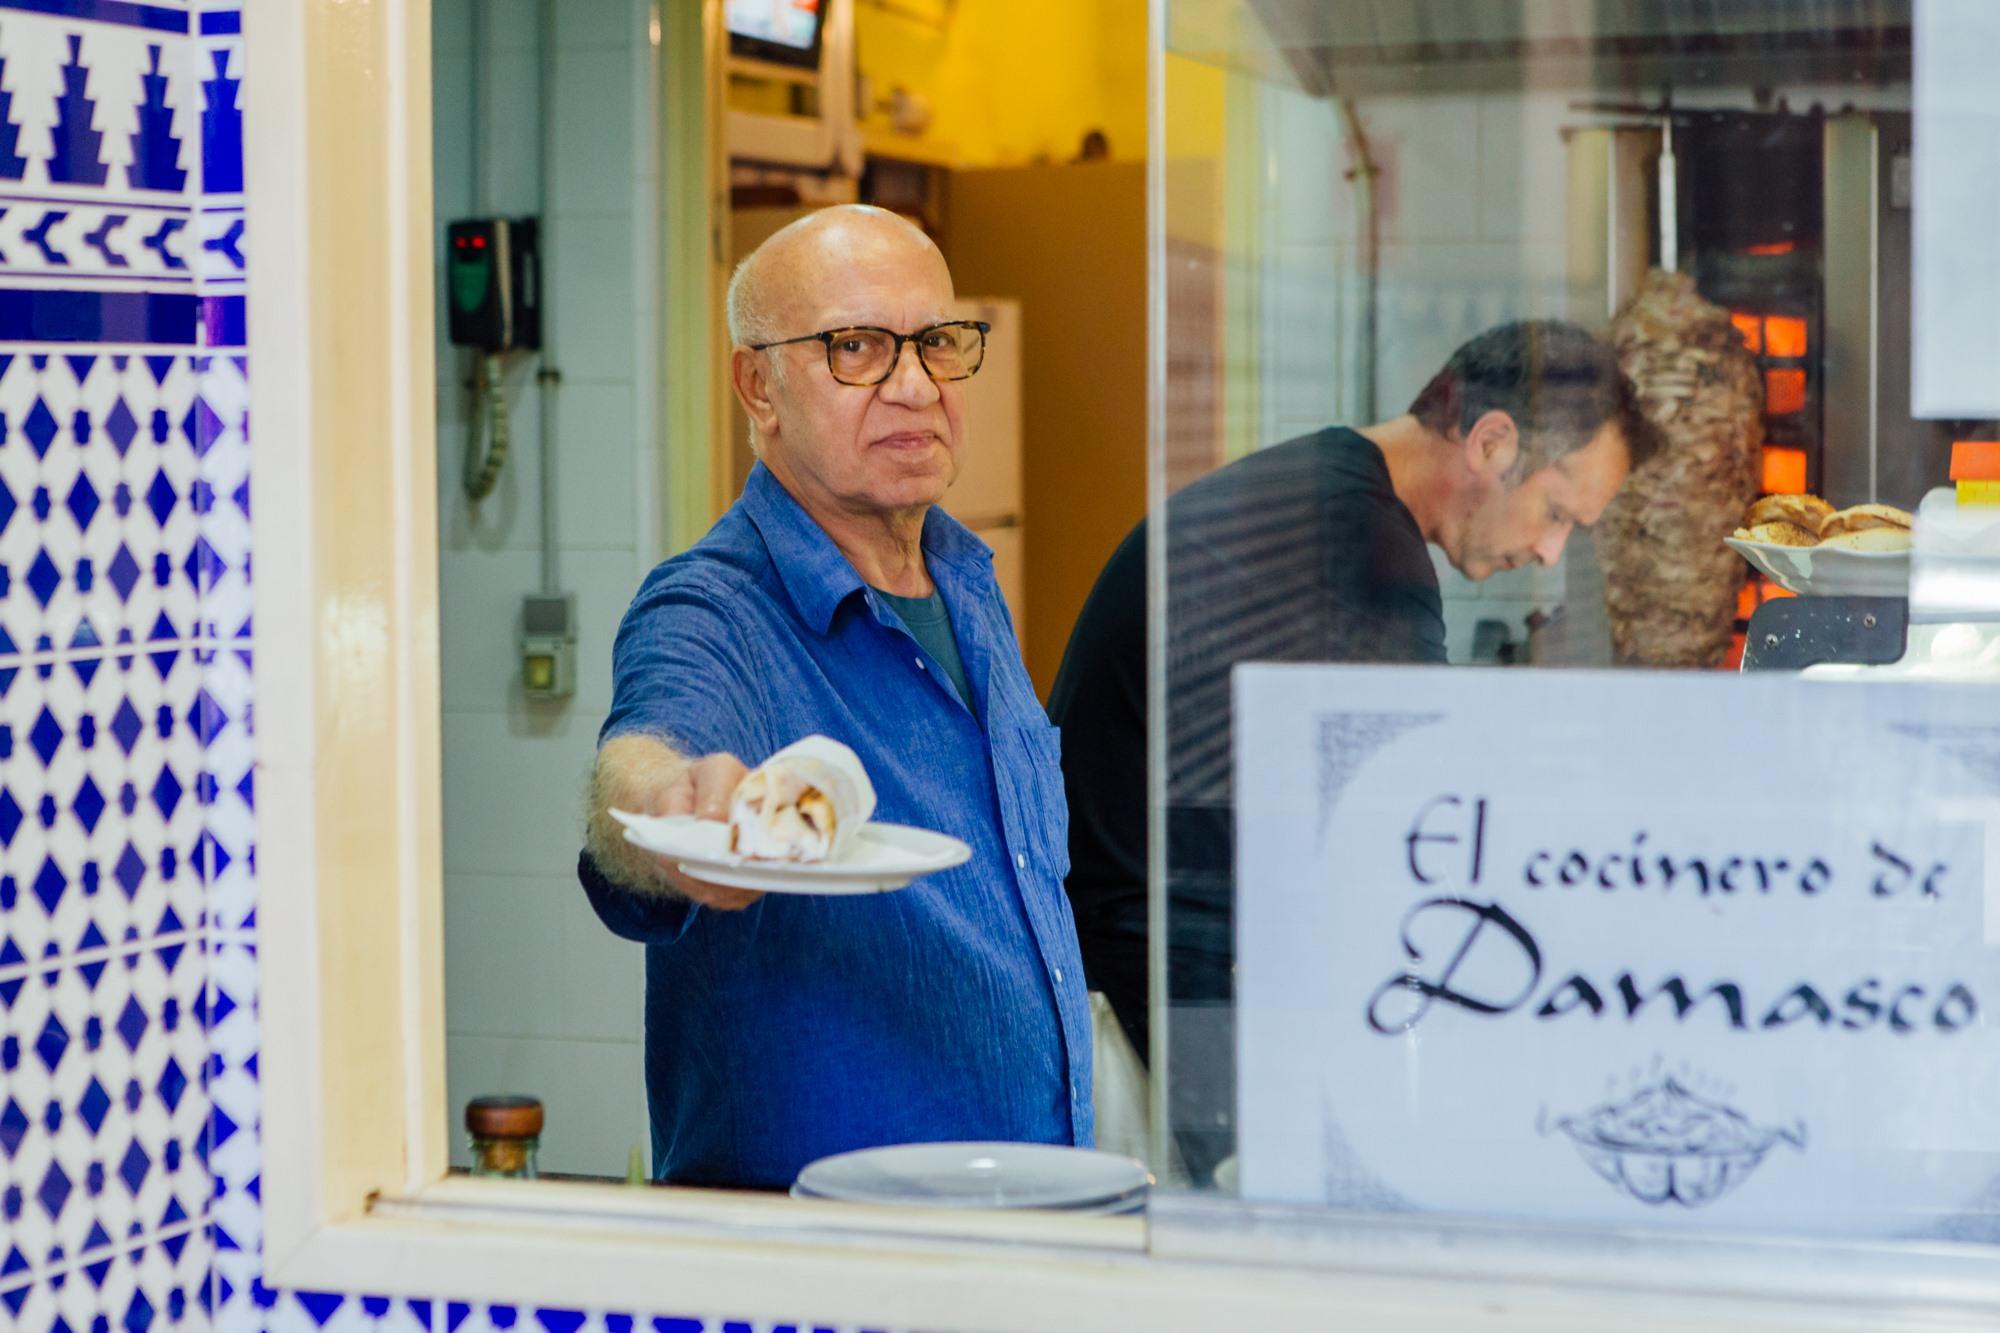 Salem, el propietario de 'El Cocinero de Damasco'.